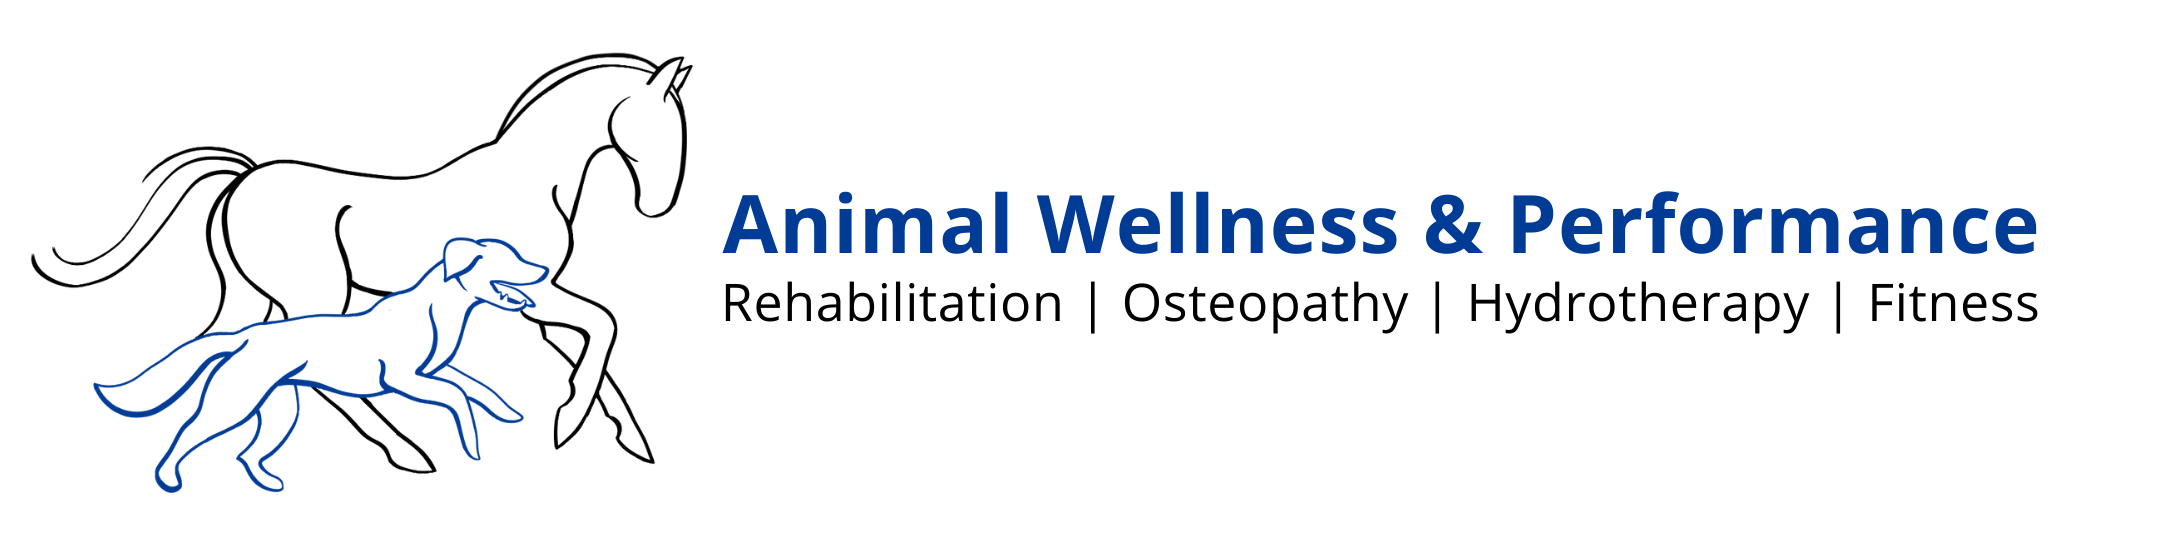 Animal wellness and performance